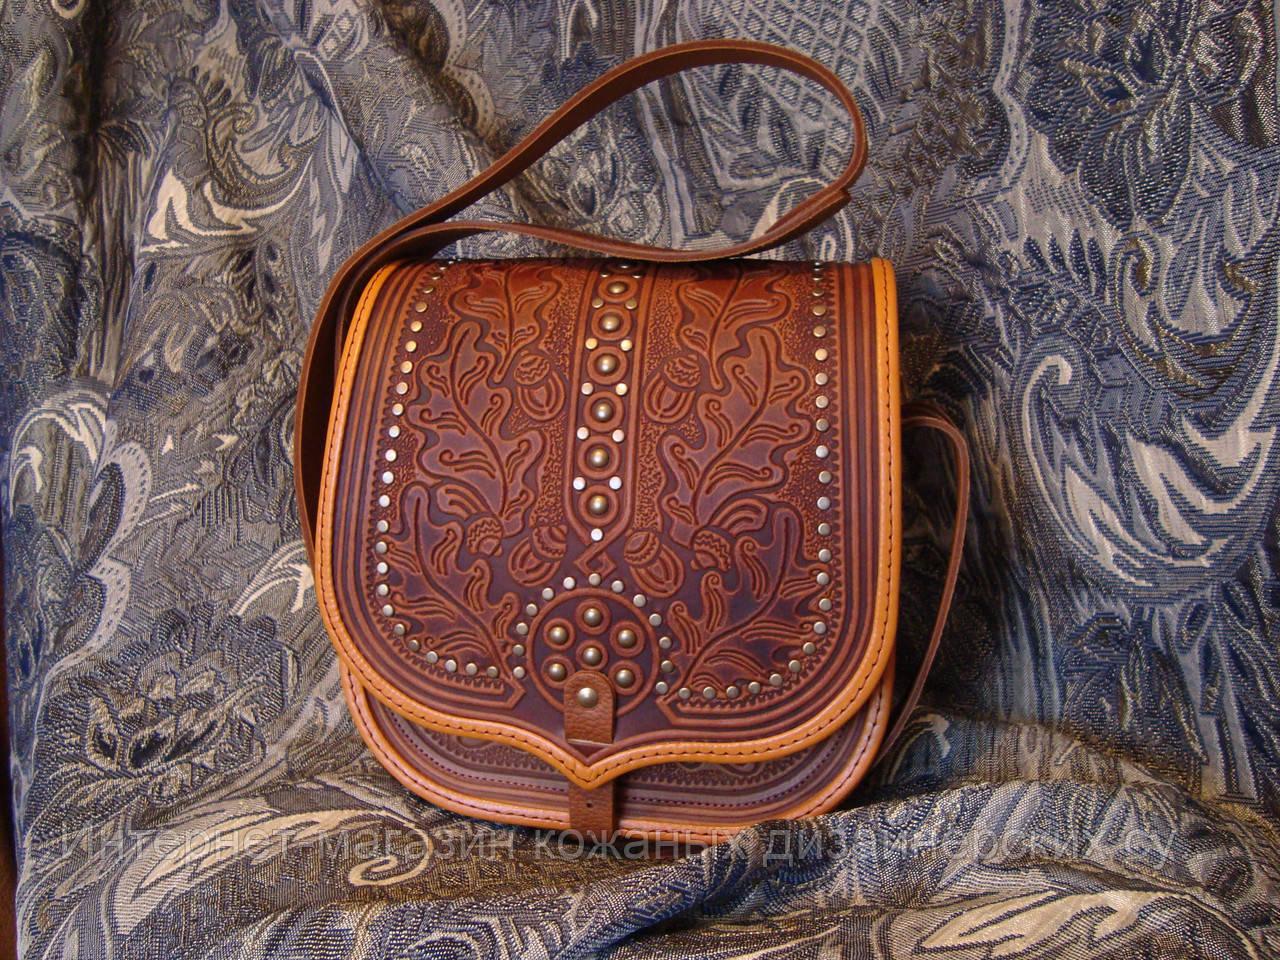 d3142f7fc1b0 Кожаная сумка ручной работы